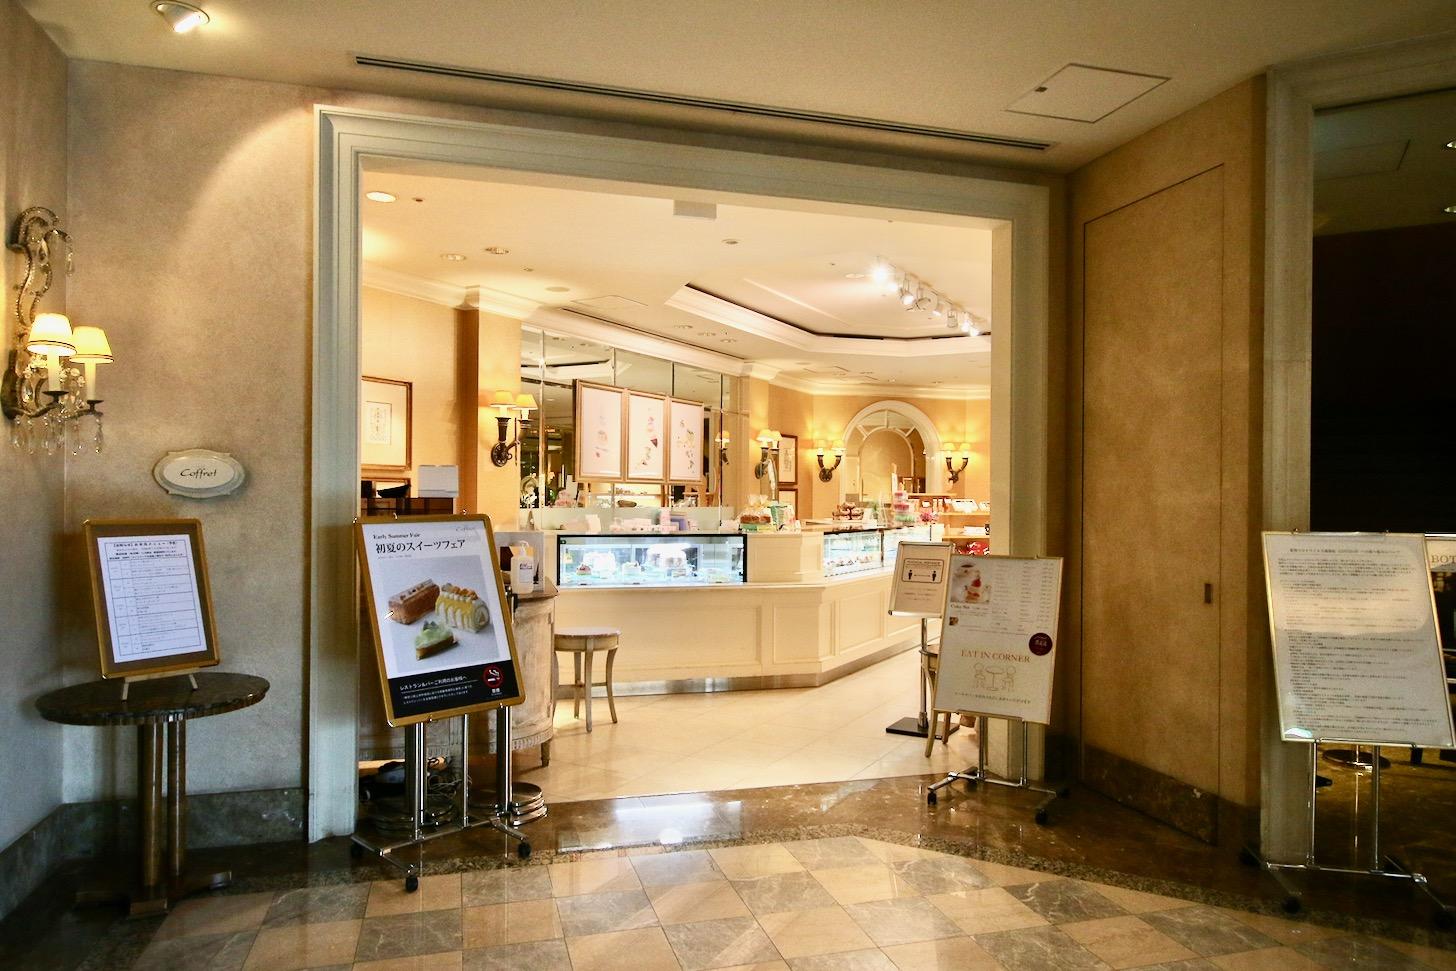 横浜ロイヤルパークホテル ケーキショップ「コフレ」